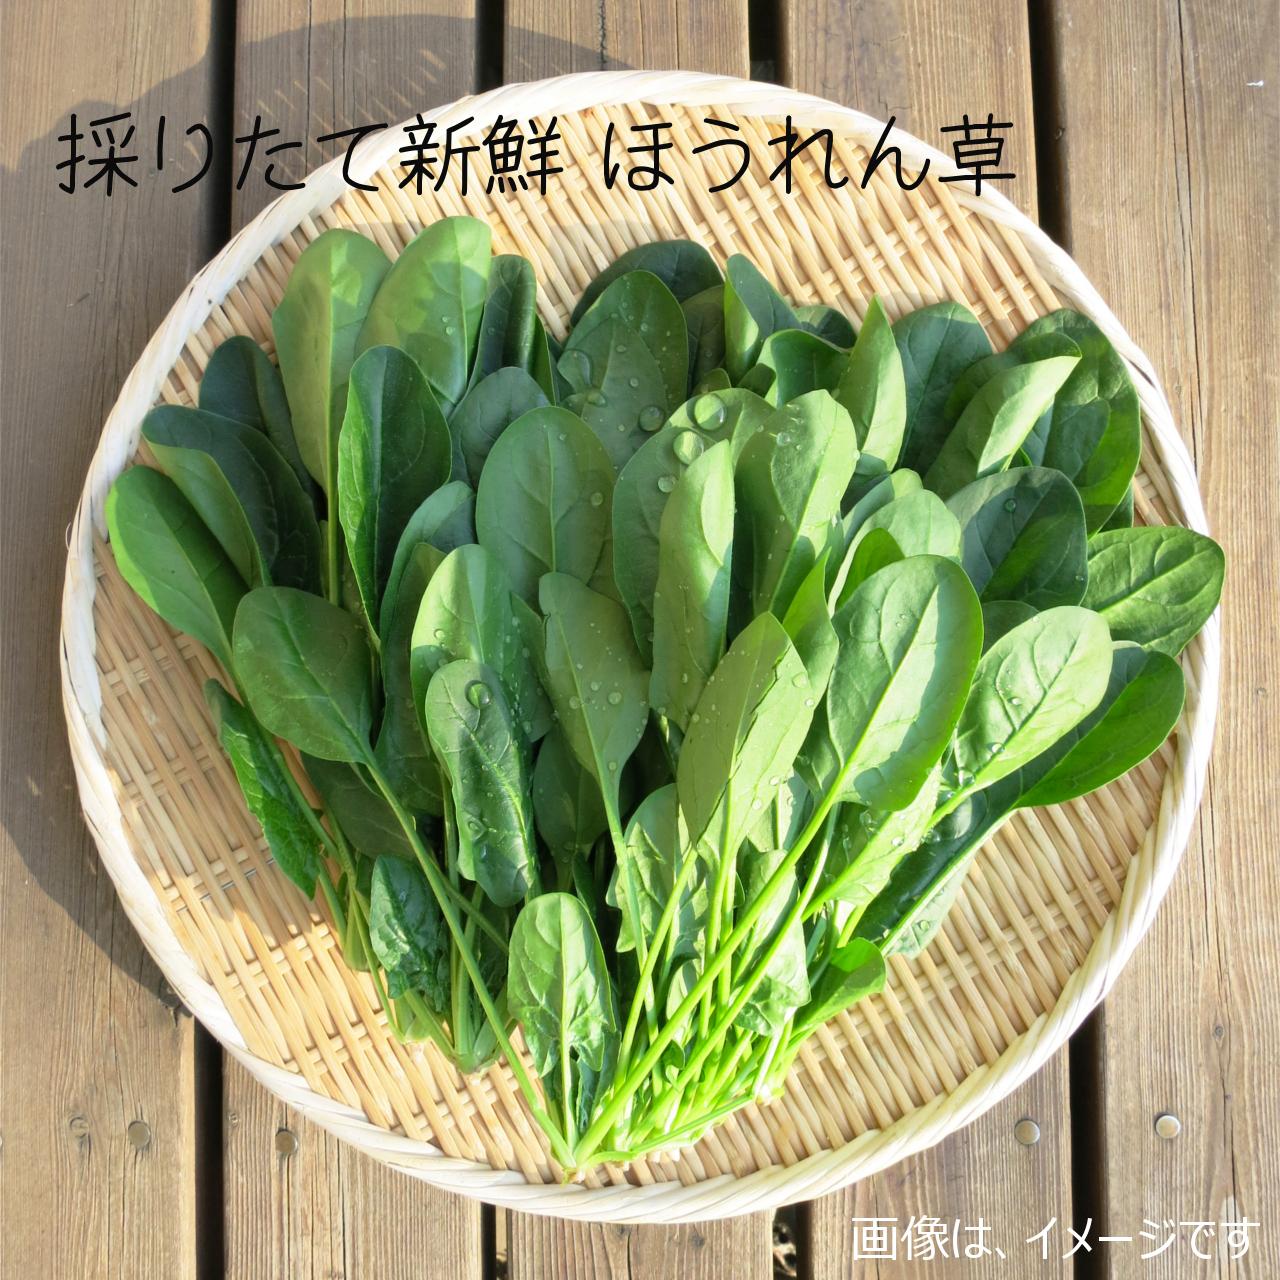 新鮮な秋野菜 : ホウレンソウ 約400g 9月の朝採り直売野菜 9月26日発送予定